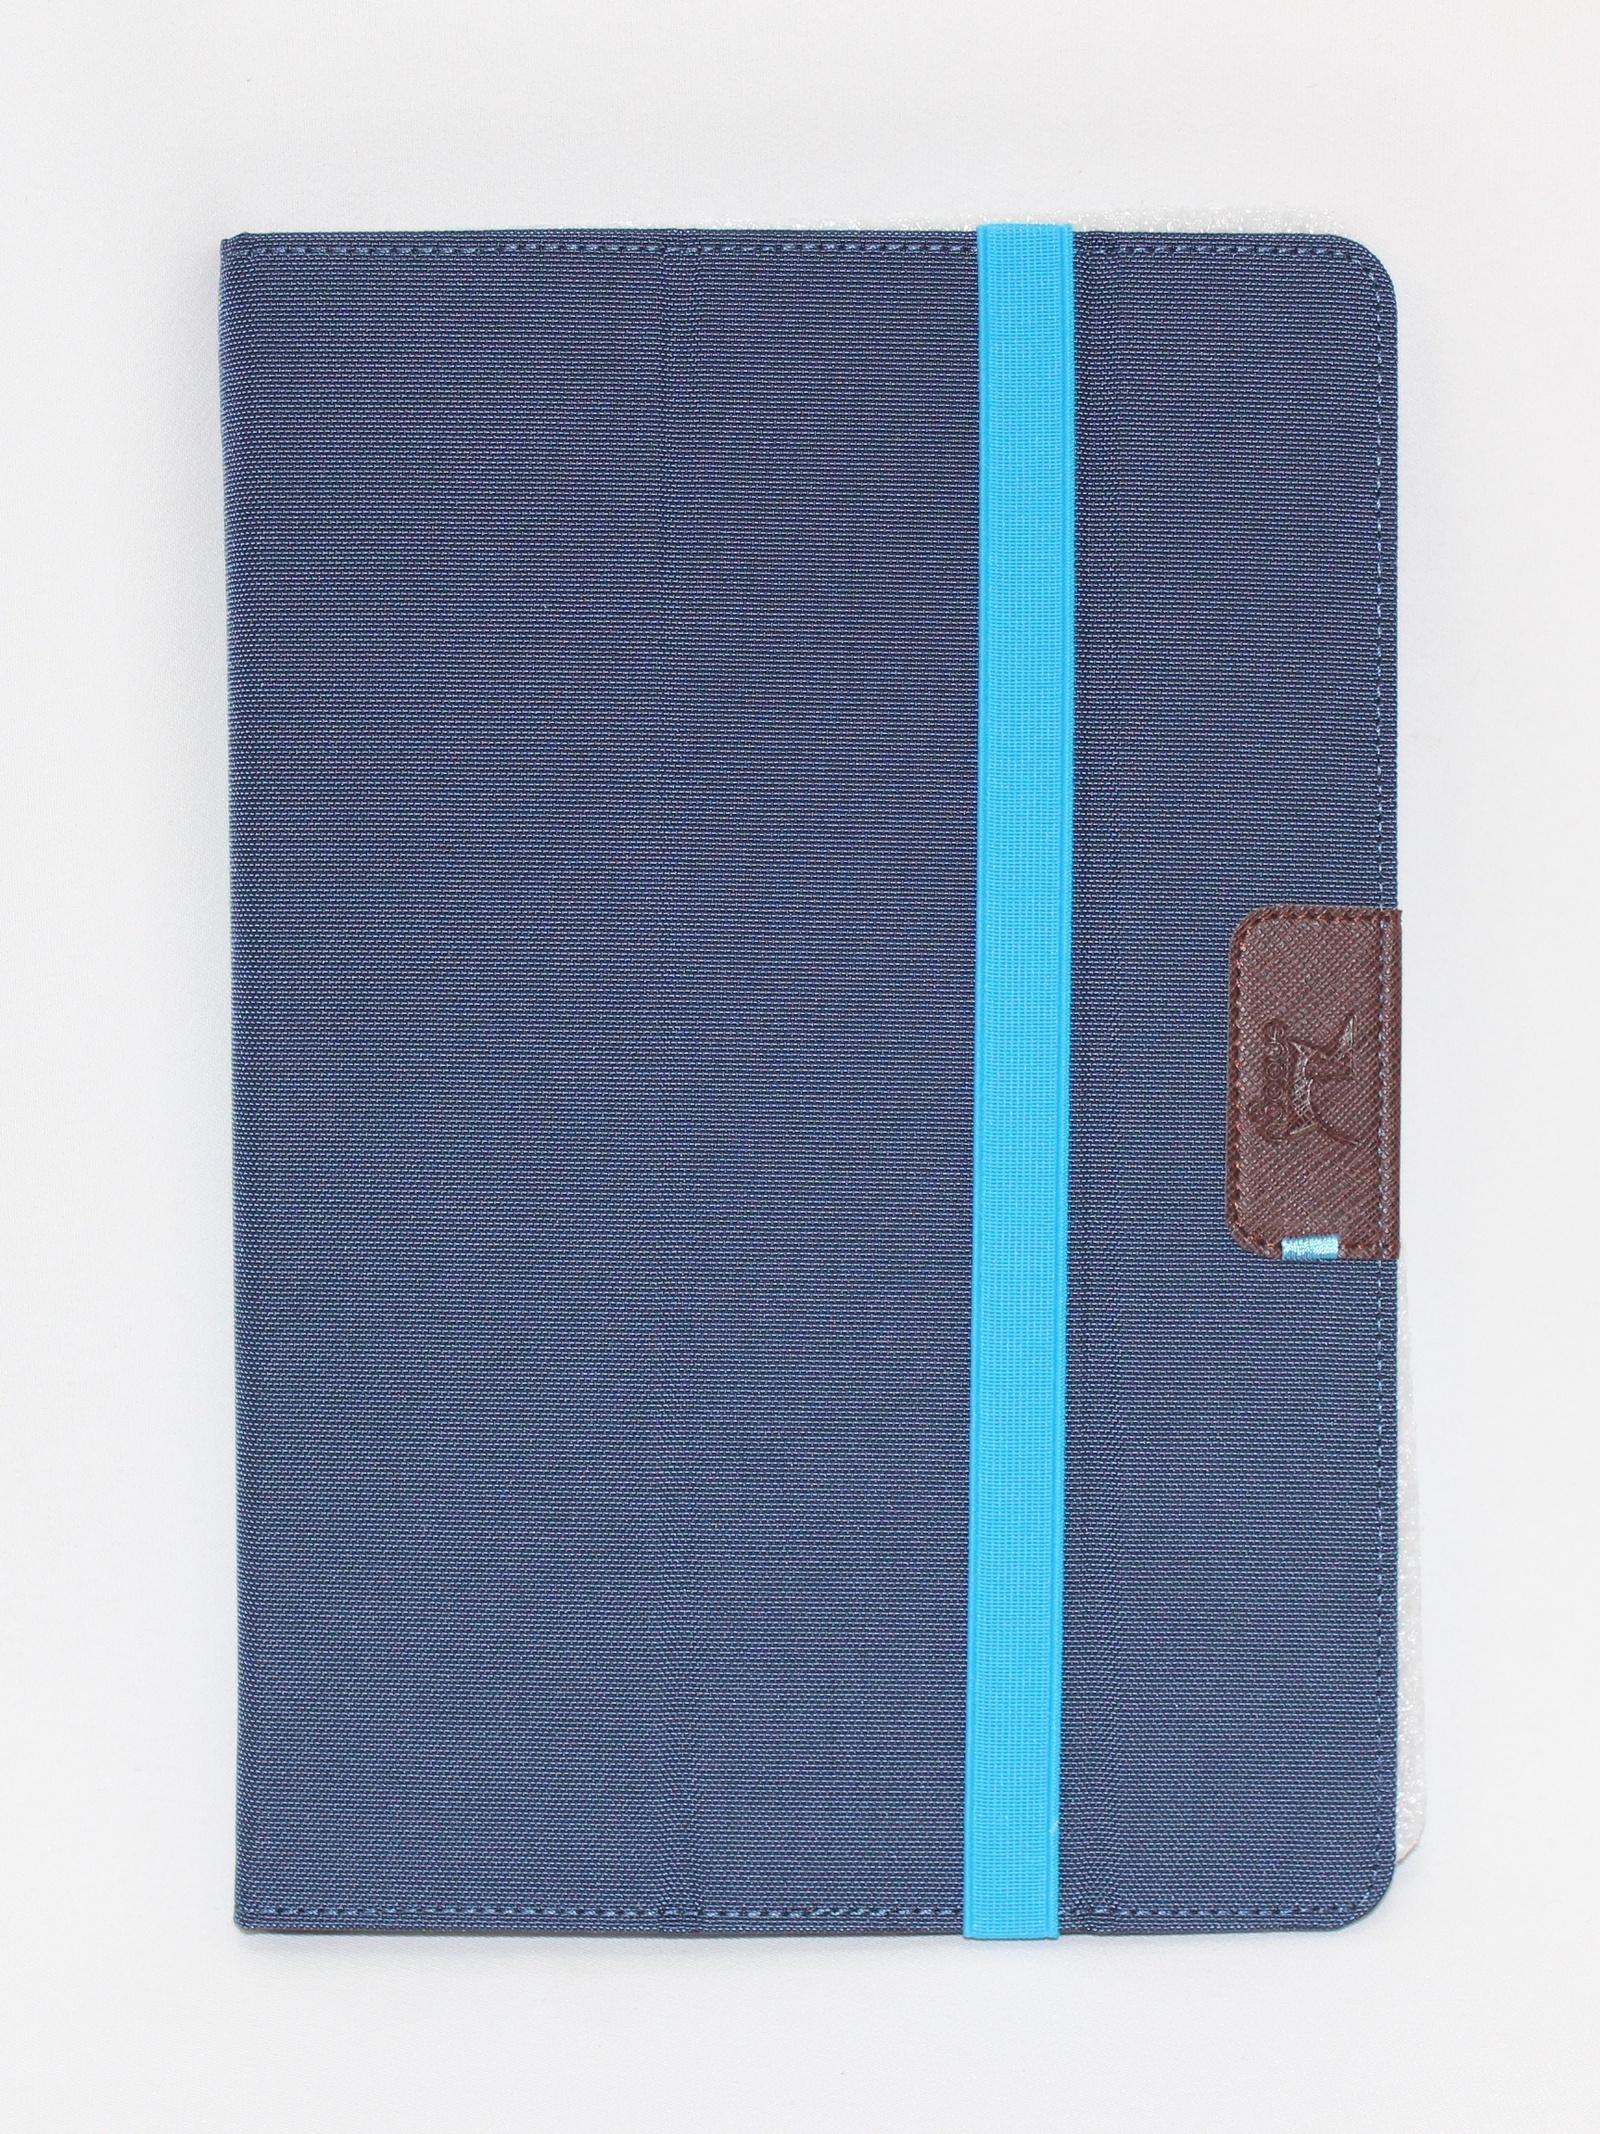 Чехол для планшета Snoogy Универсальный 10 дюймов аксессуар чехол 8 0 snoogy универсальный иск кожа black sn uni8w blk lth